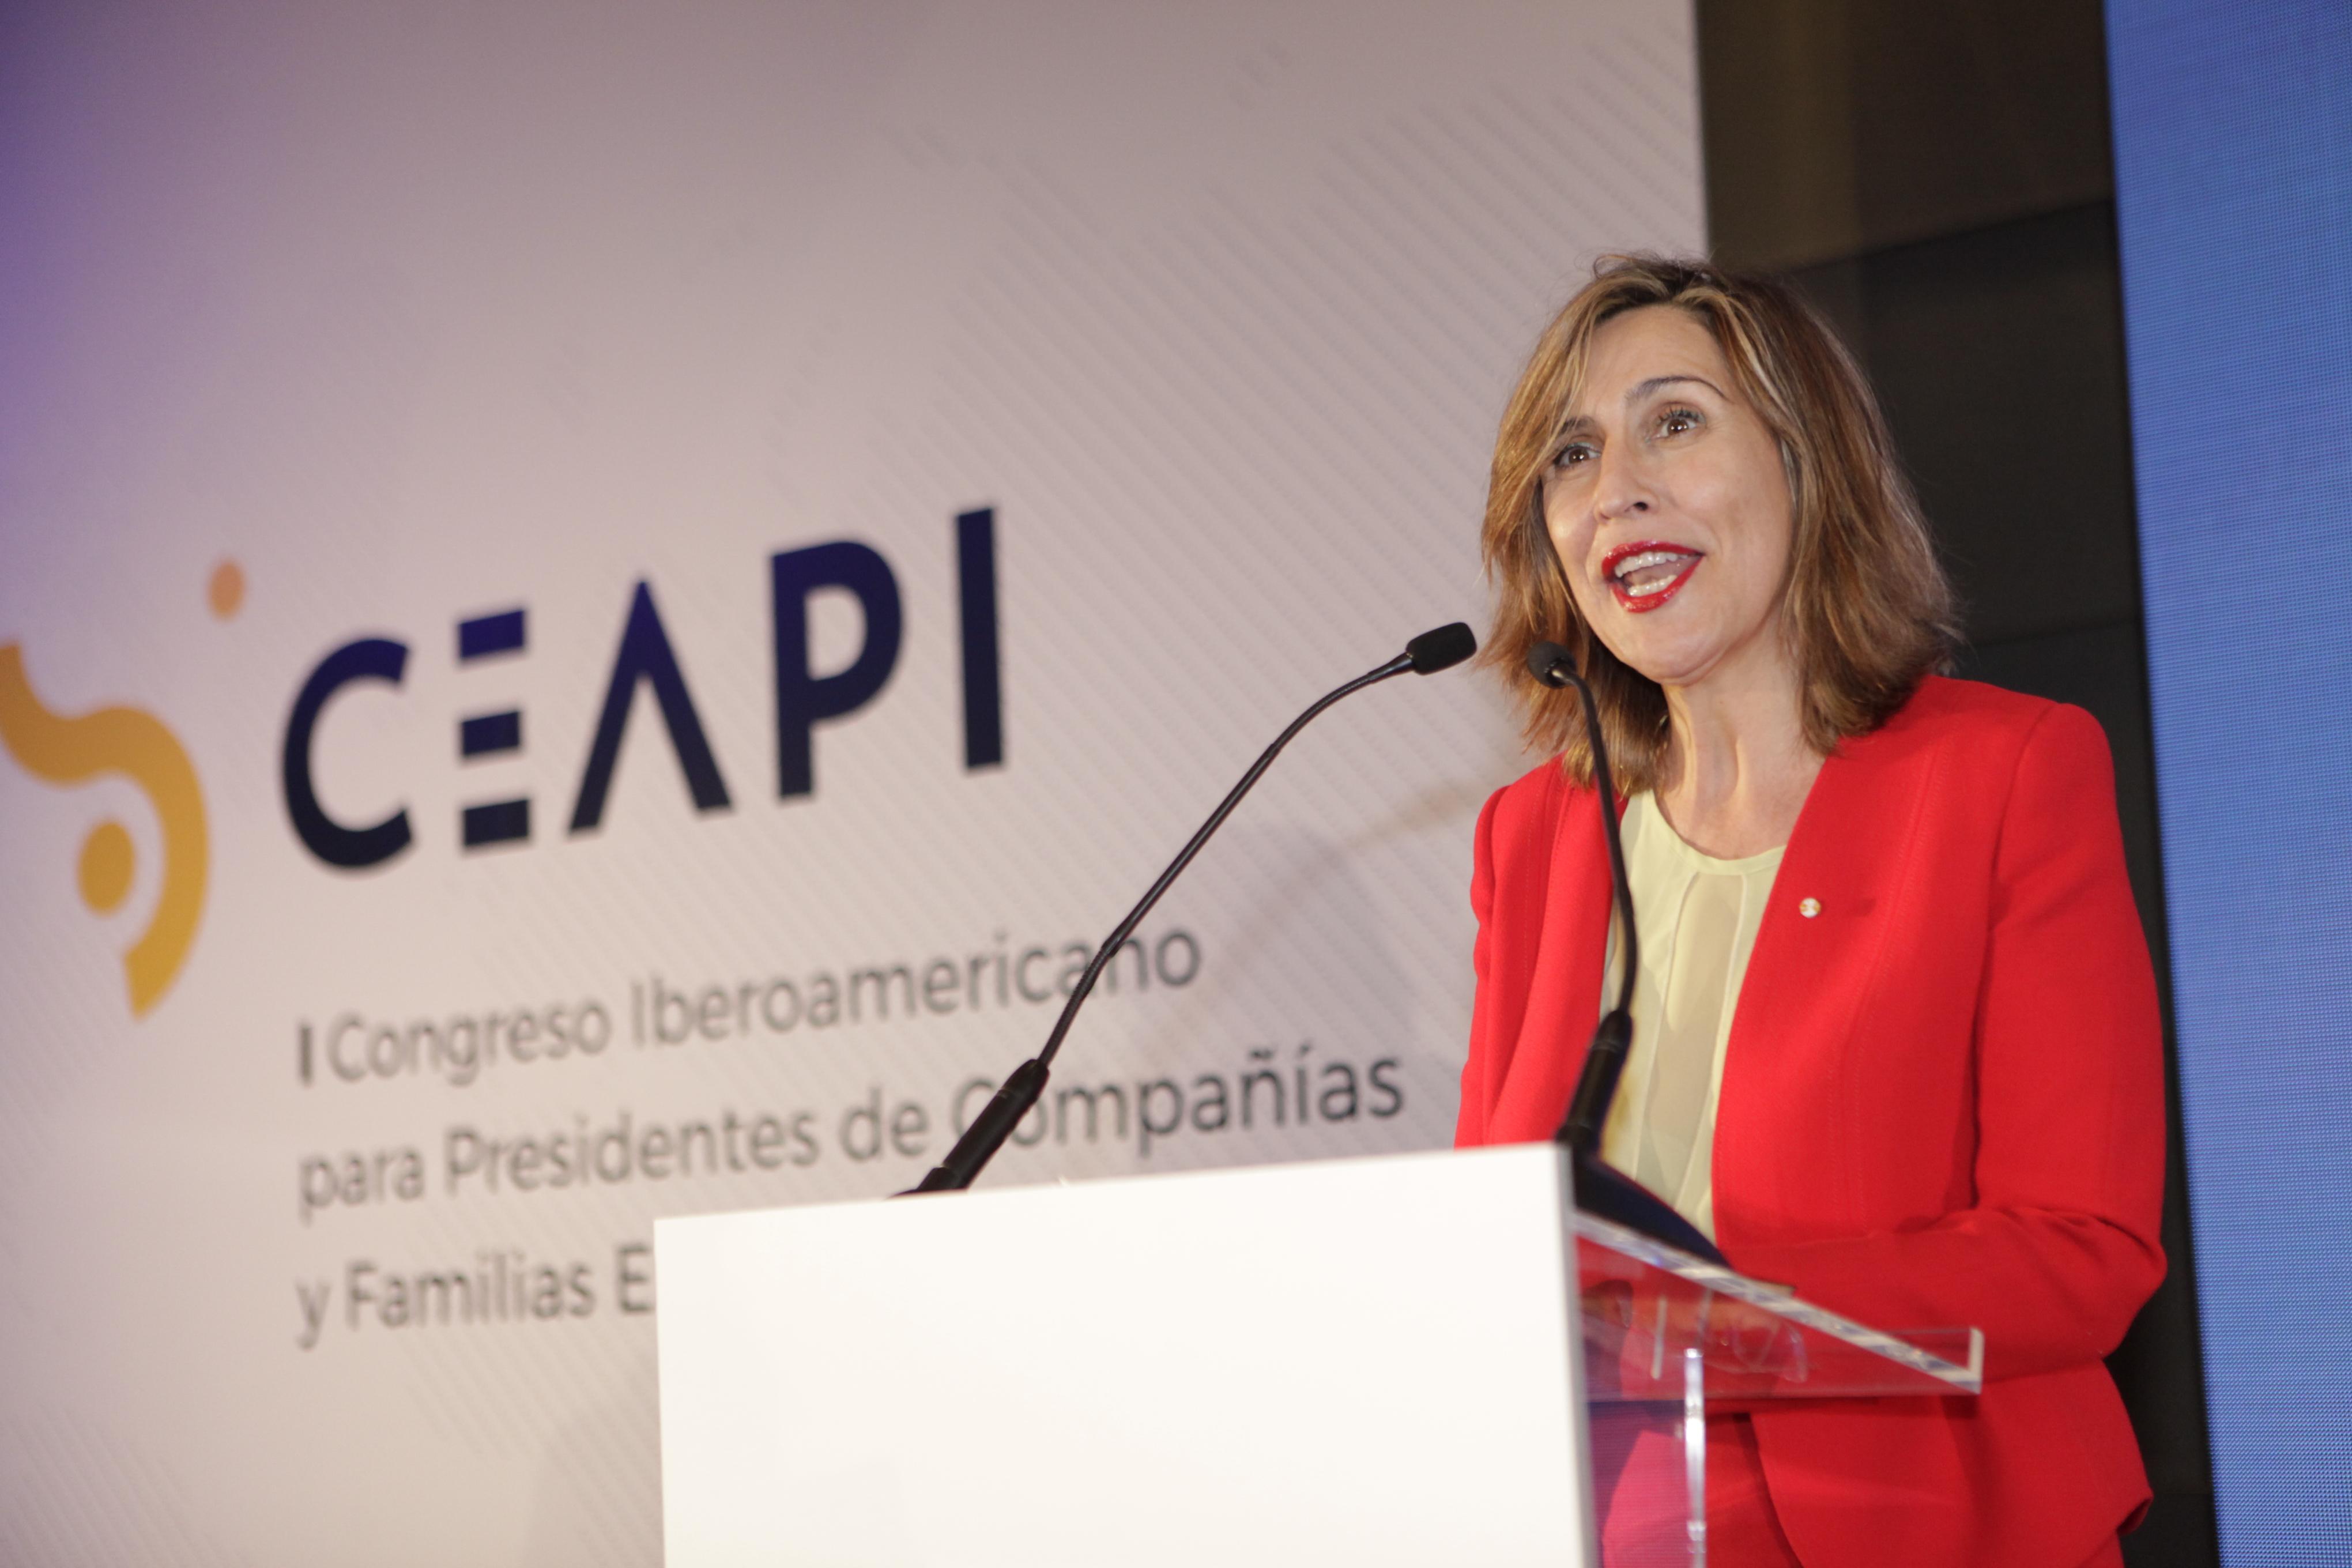 CEAPI cierra su Congreso con la defensa de la unidad iberoamericana y de un nuevo diálogo empresa-sociedad